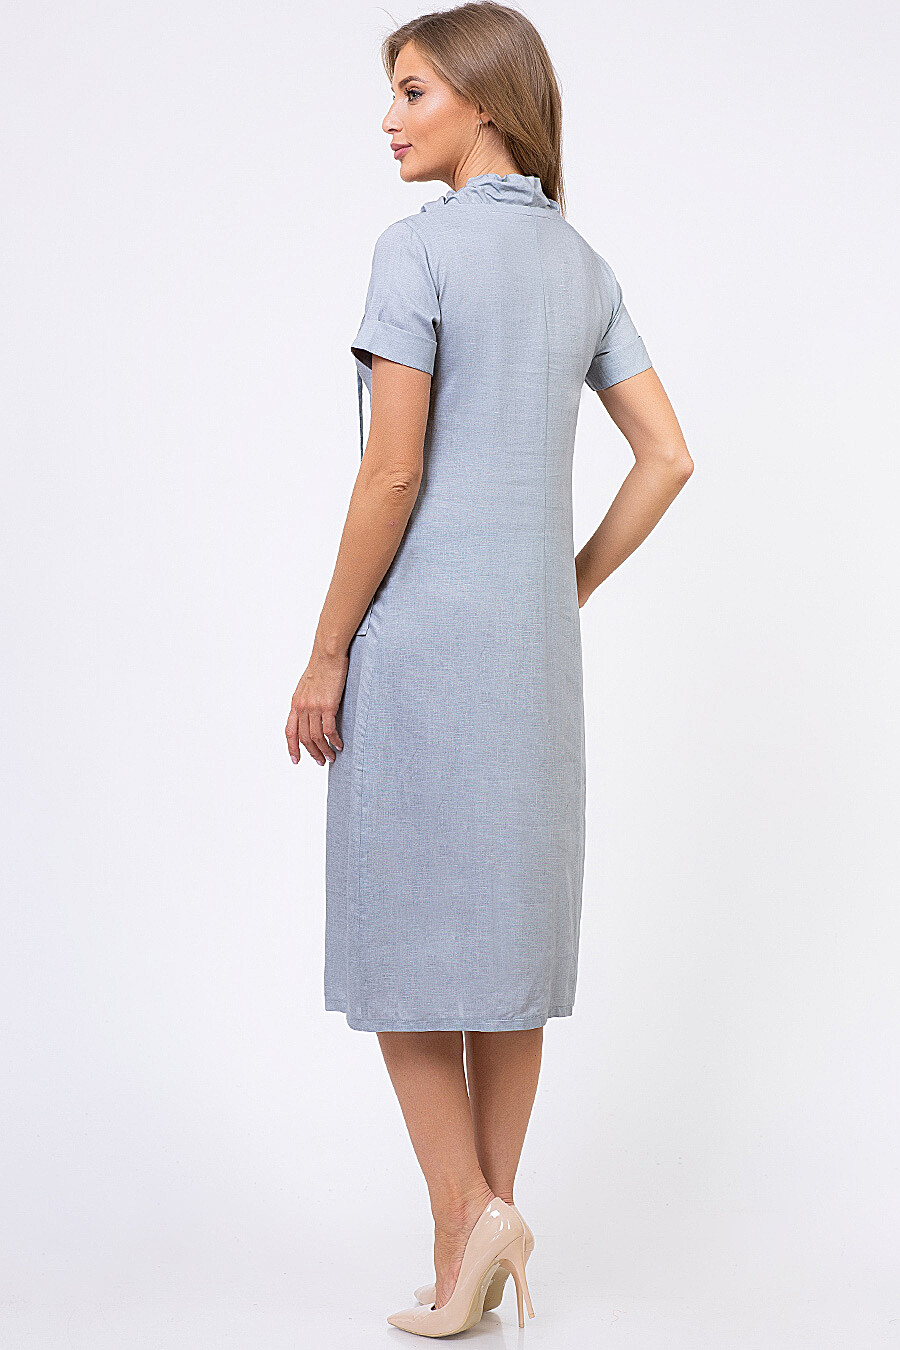 Платье DIMMA (121121), купить в Moyo.moda